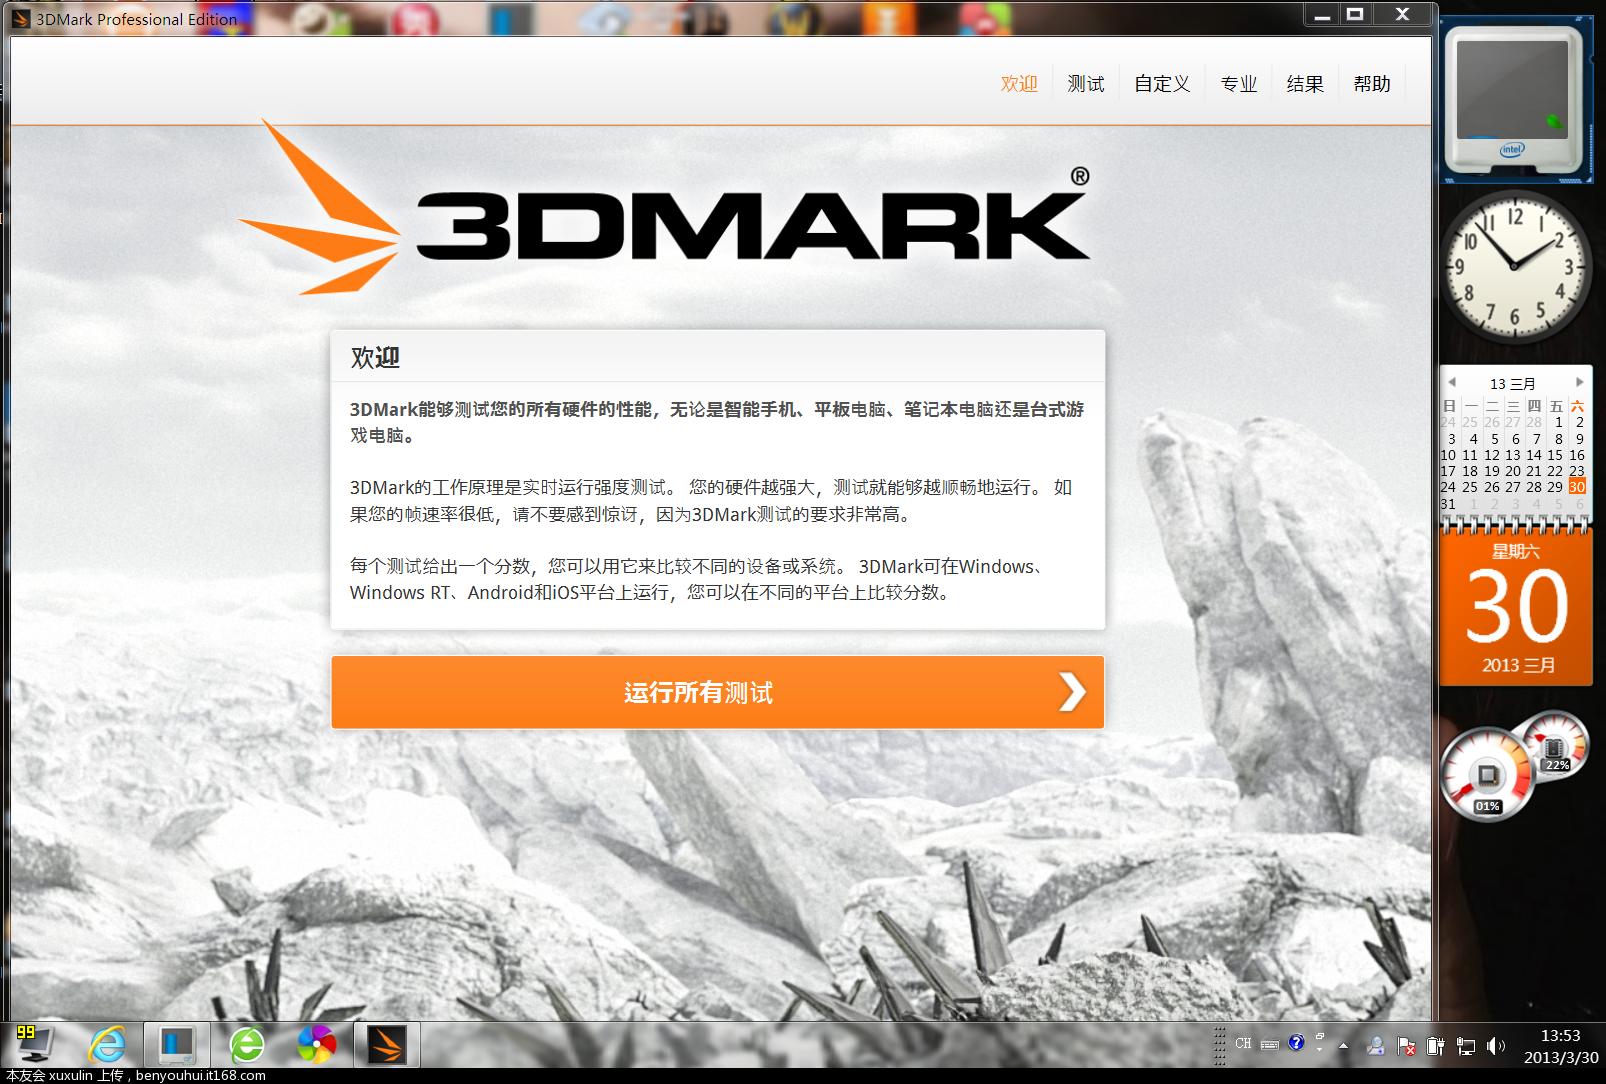 1、3DMark开始界面.PNG